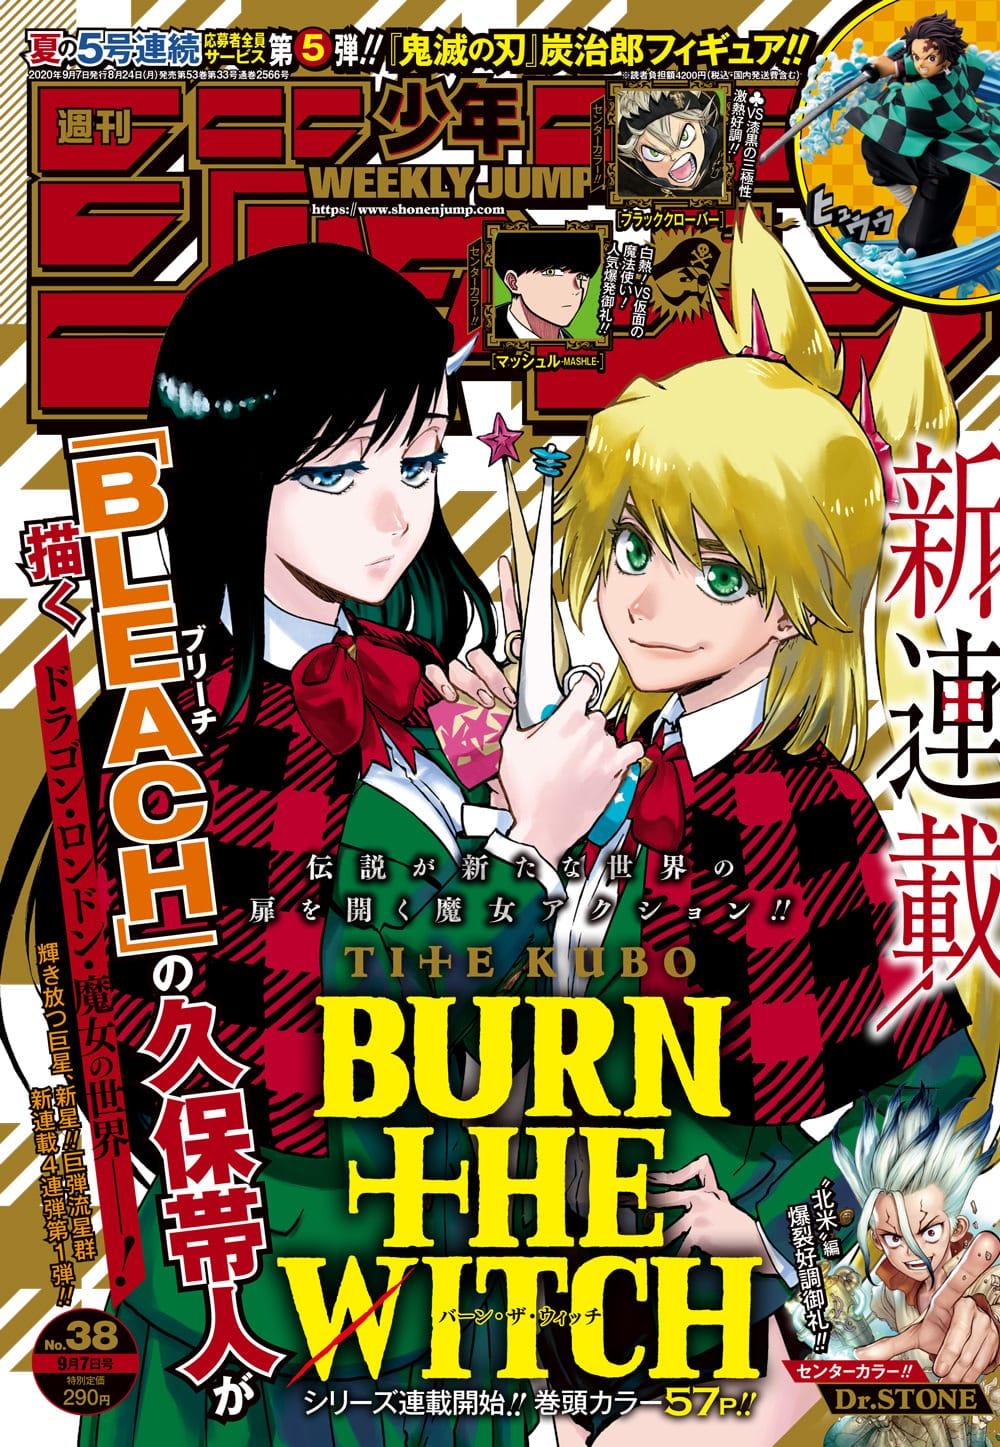 久保帯人「BURN THE WITCH」8.24発売のジャンプ38号より連載開始!!